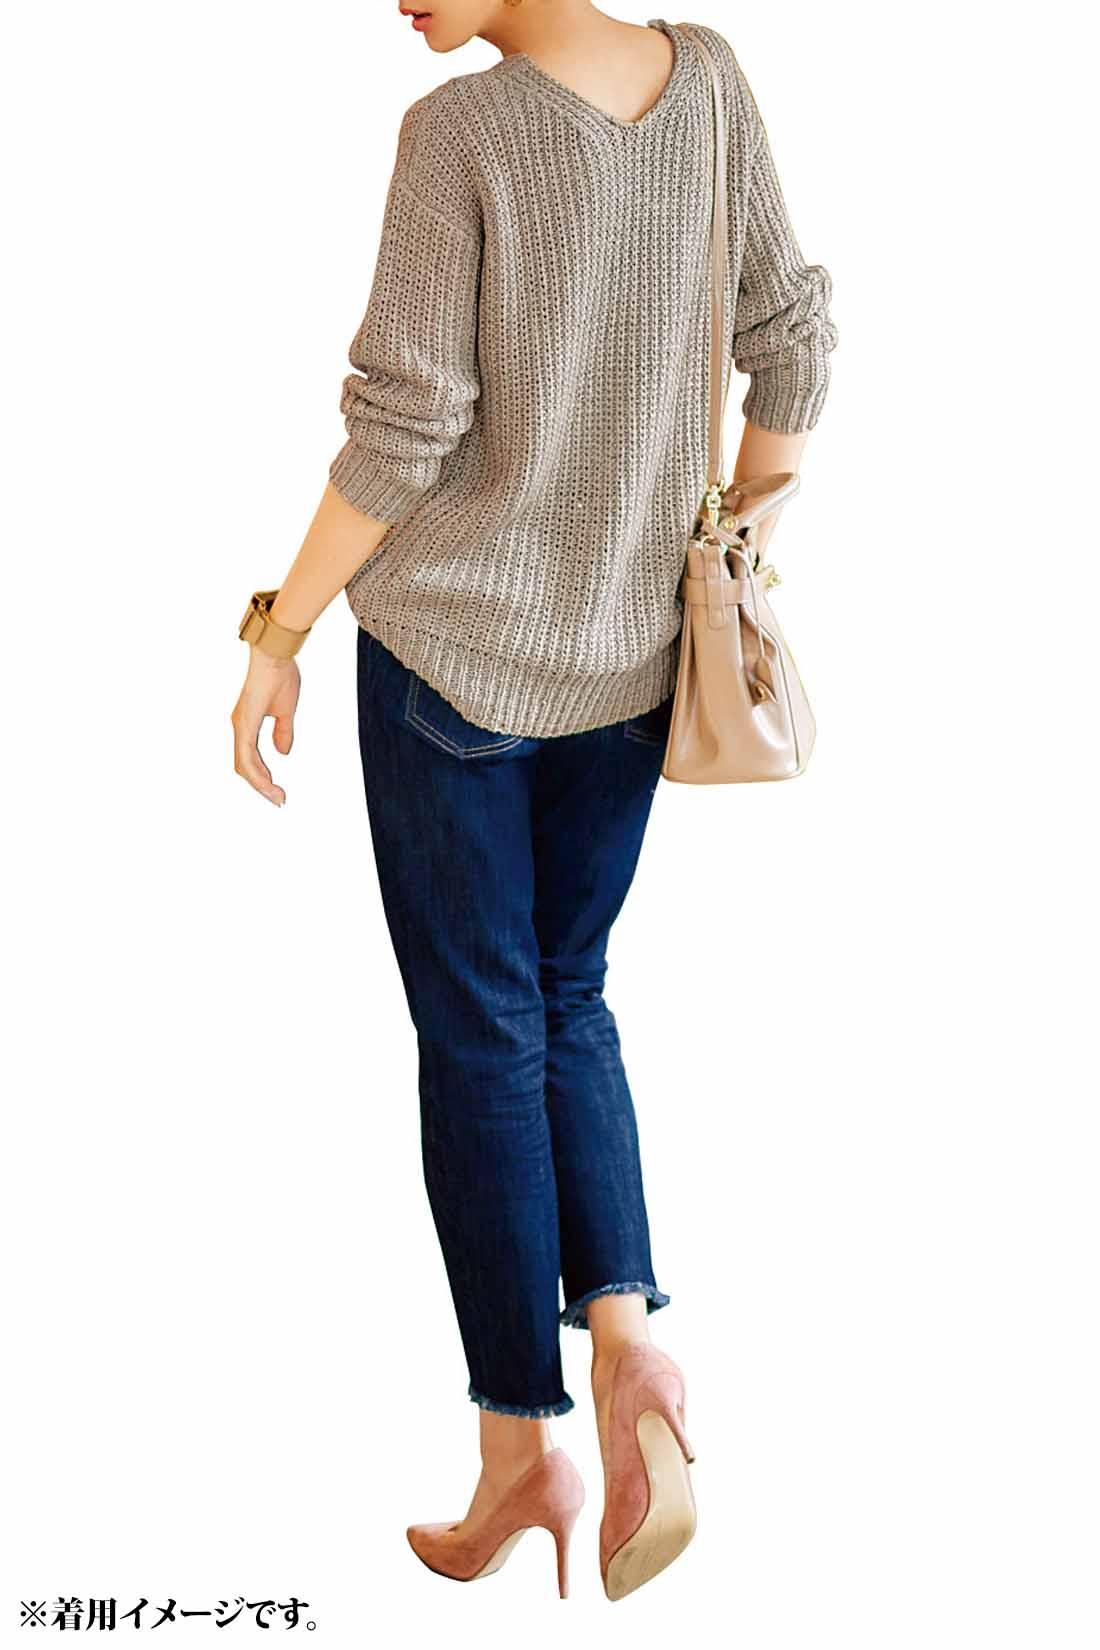 デニムスタイルを女らしく更新してくれるのはゆるニット。からだに沿いながらも隠したい部分はカバーしてくれるからスタイルアップはまちがいなし。足もとはヒールでさらに女っぷりを格上げして。